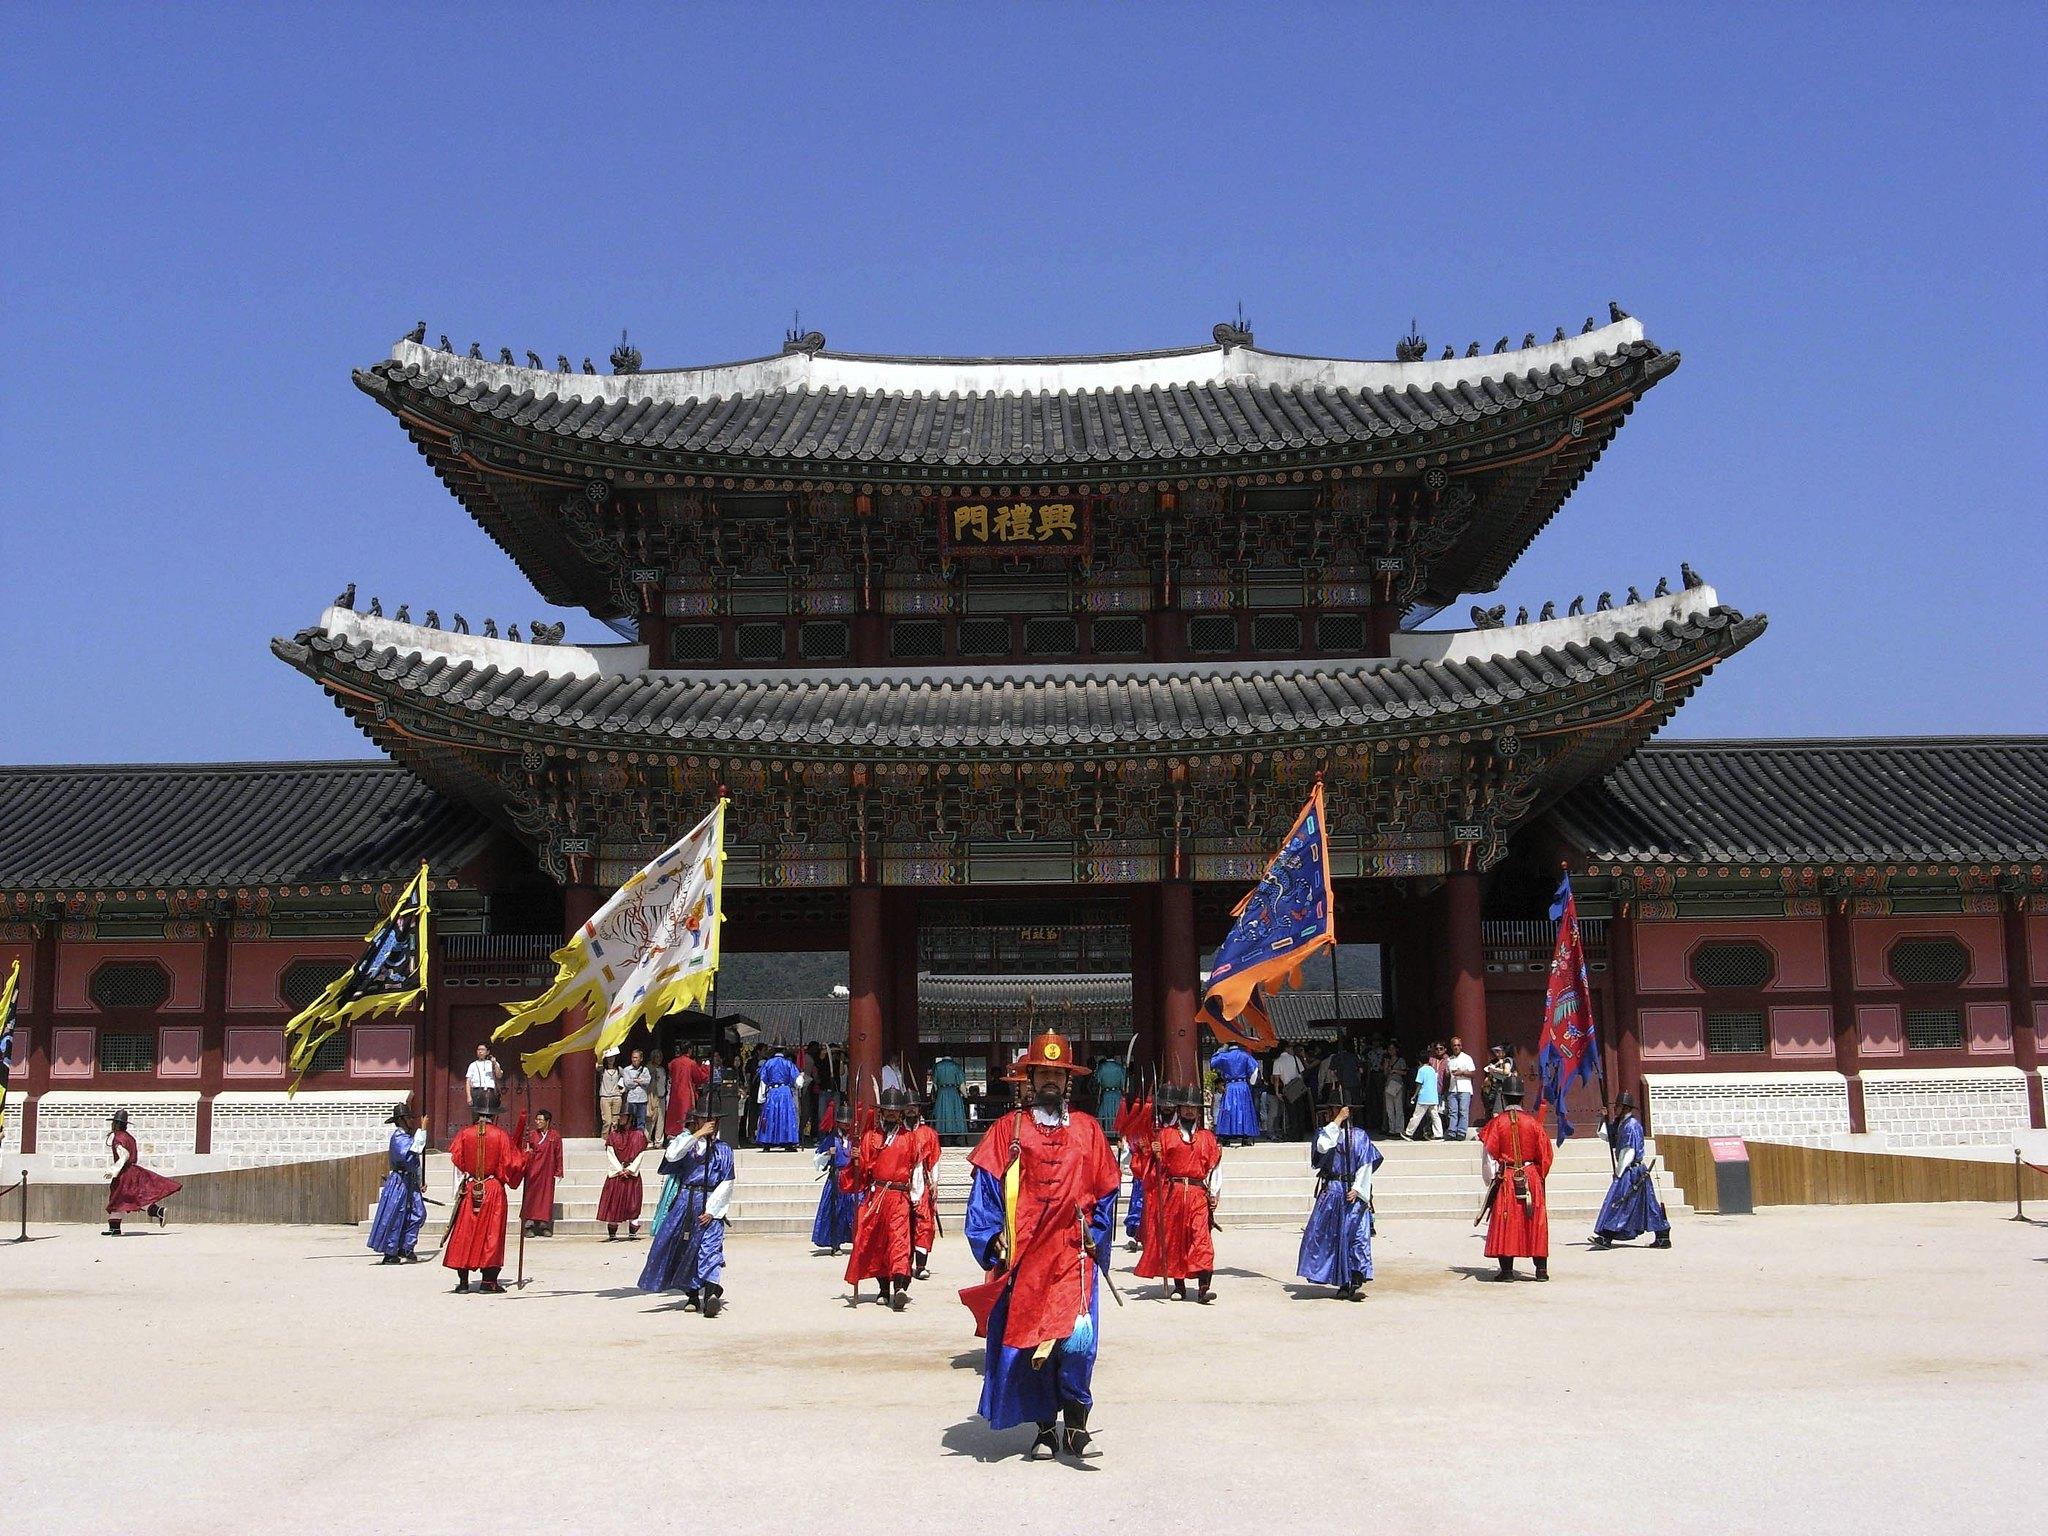 Gyeongbookgung Palace (景福宮)